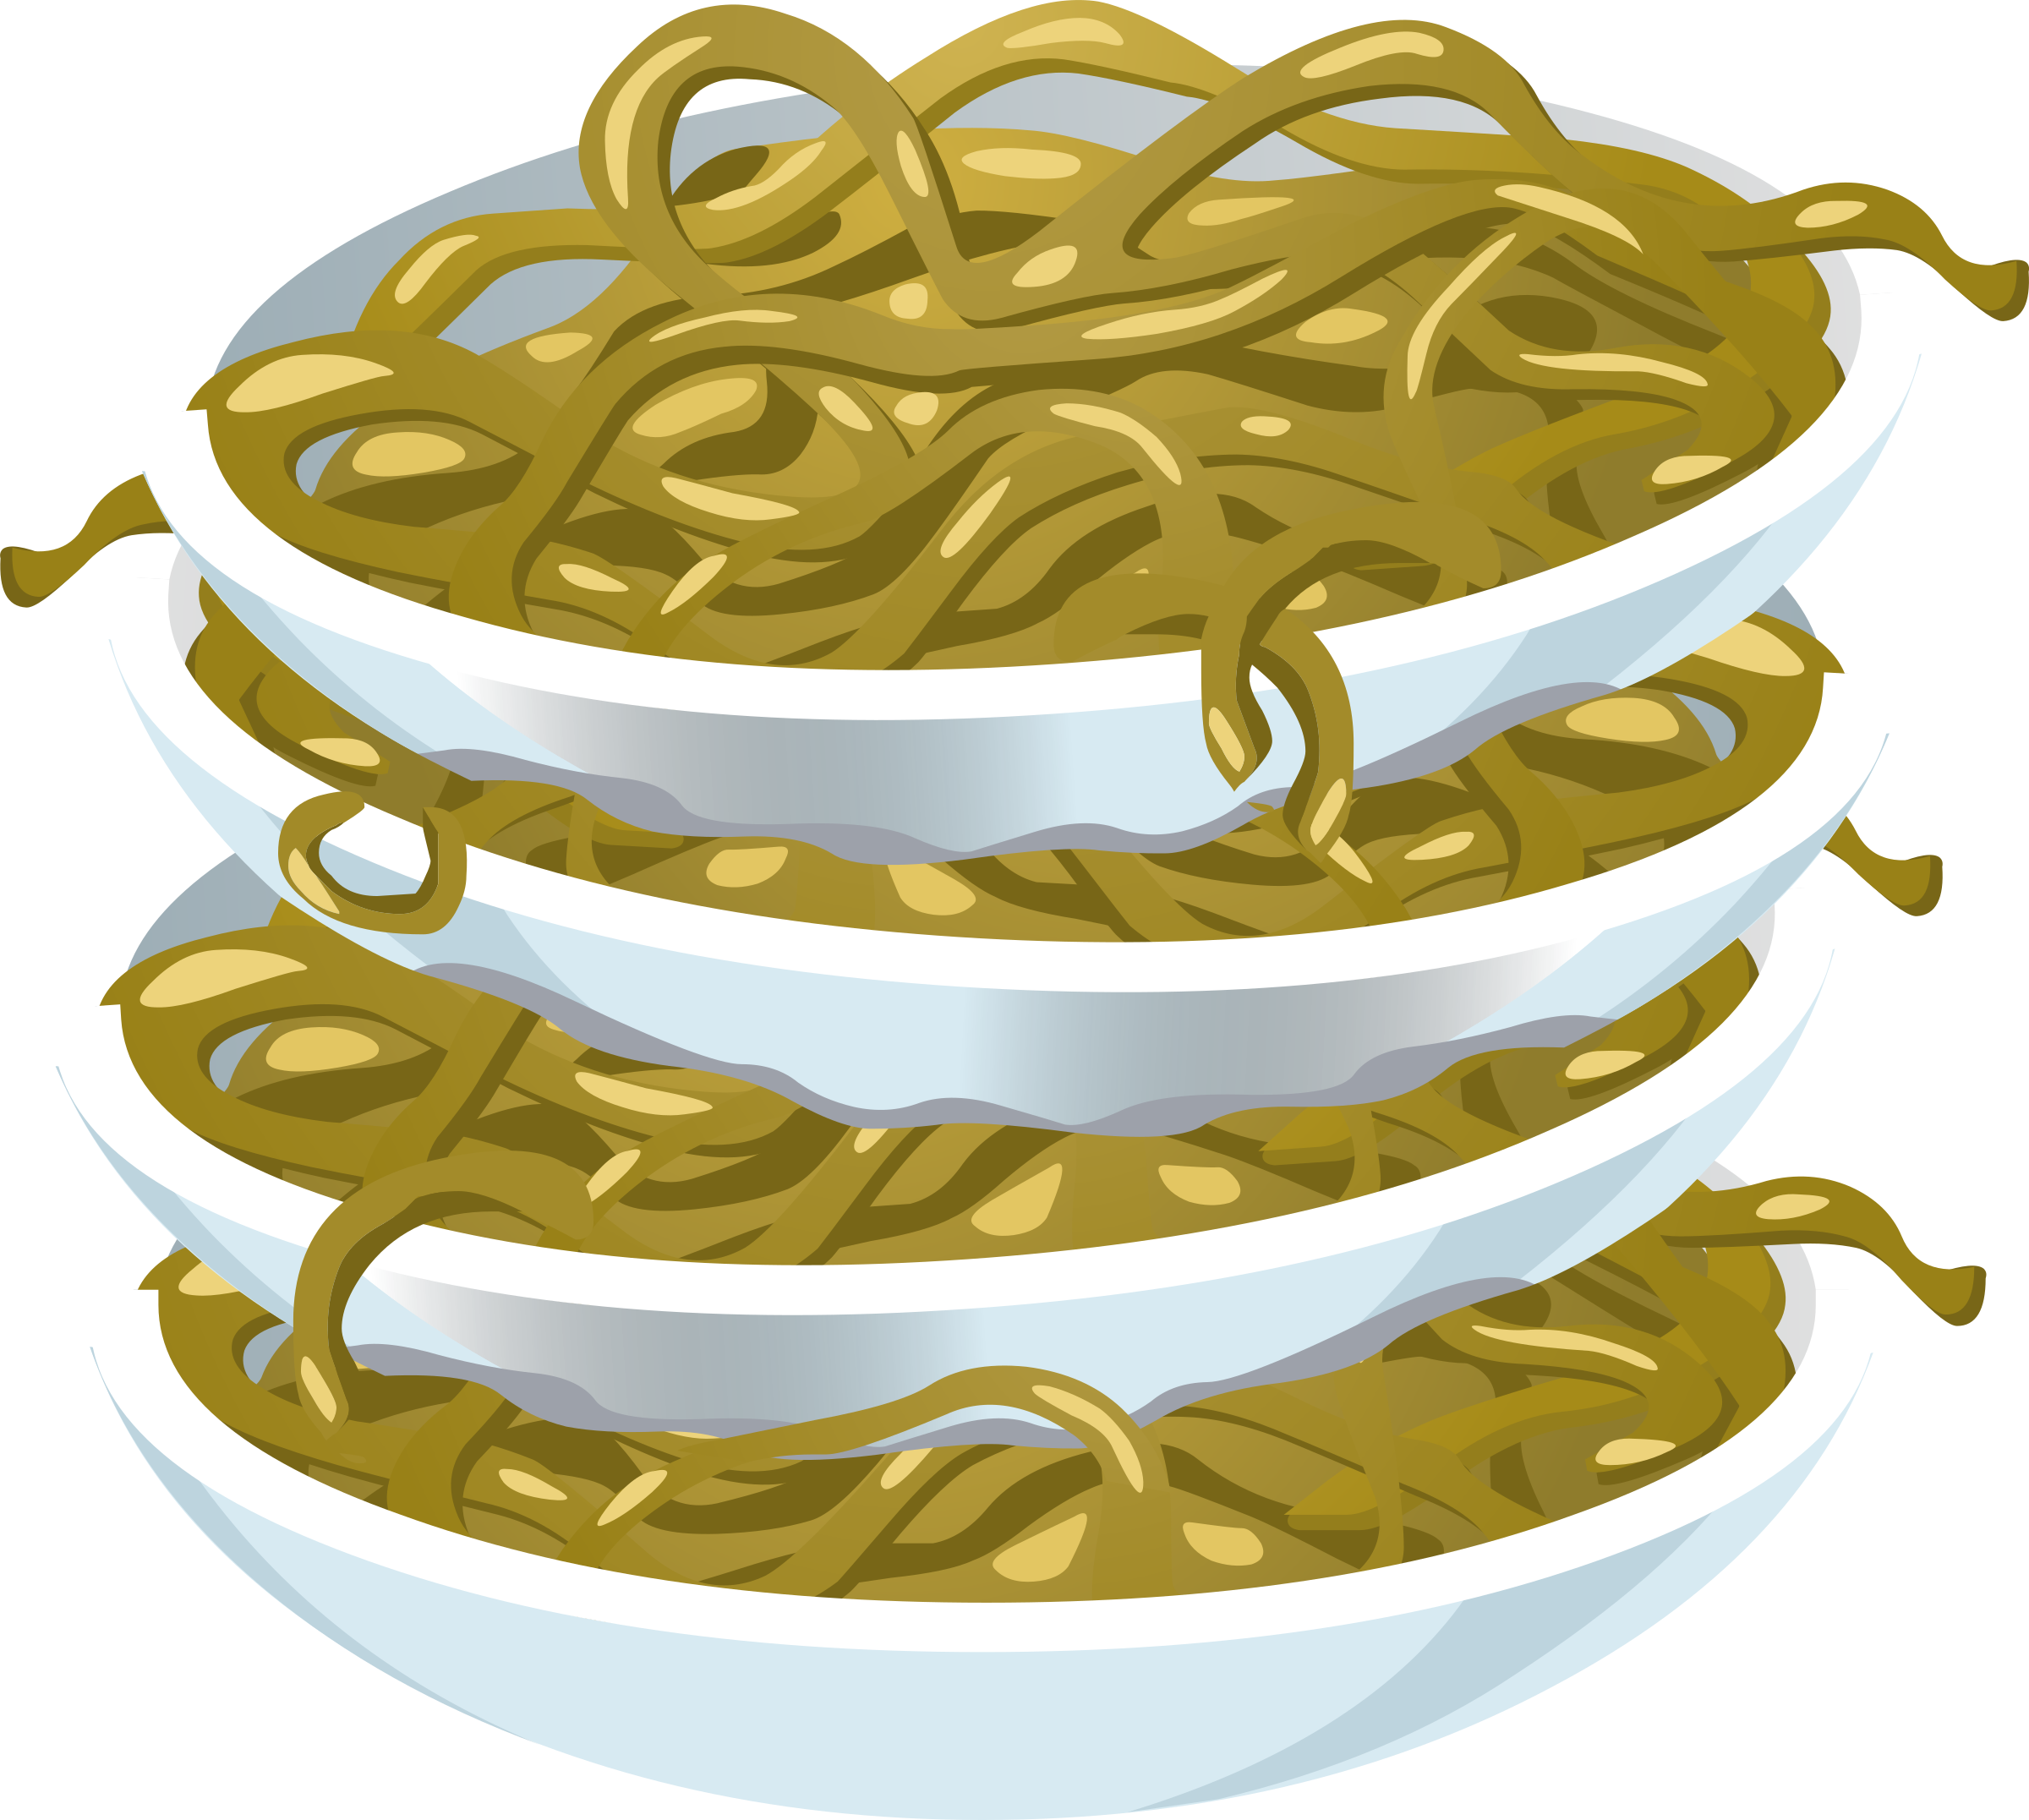 Game clipart food. Fried noodles big image